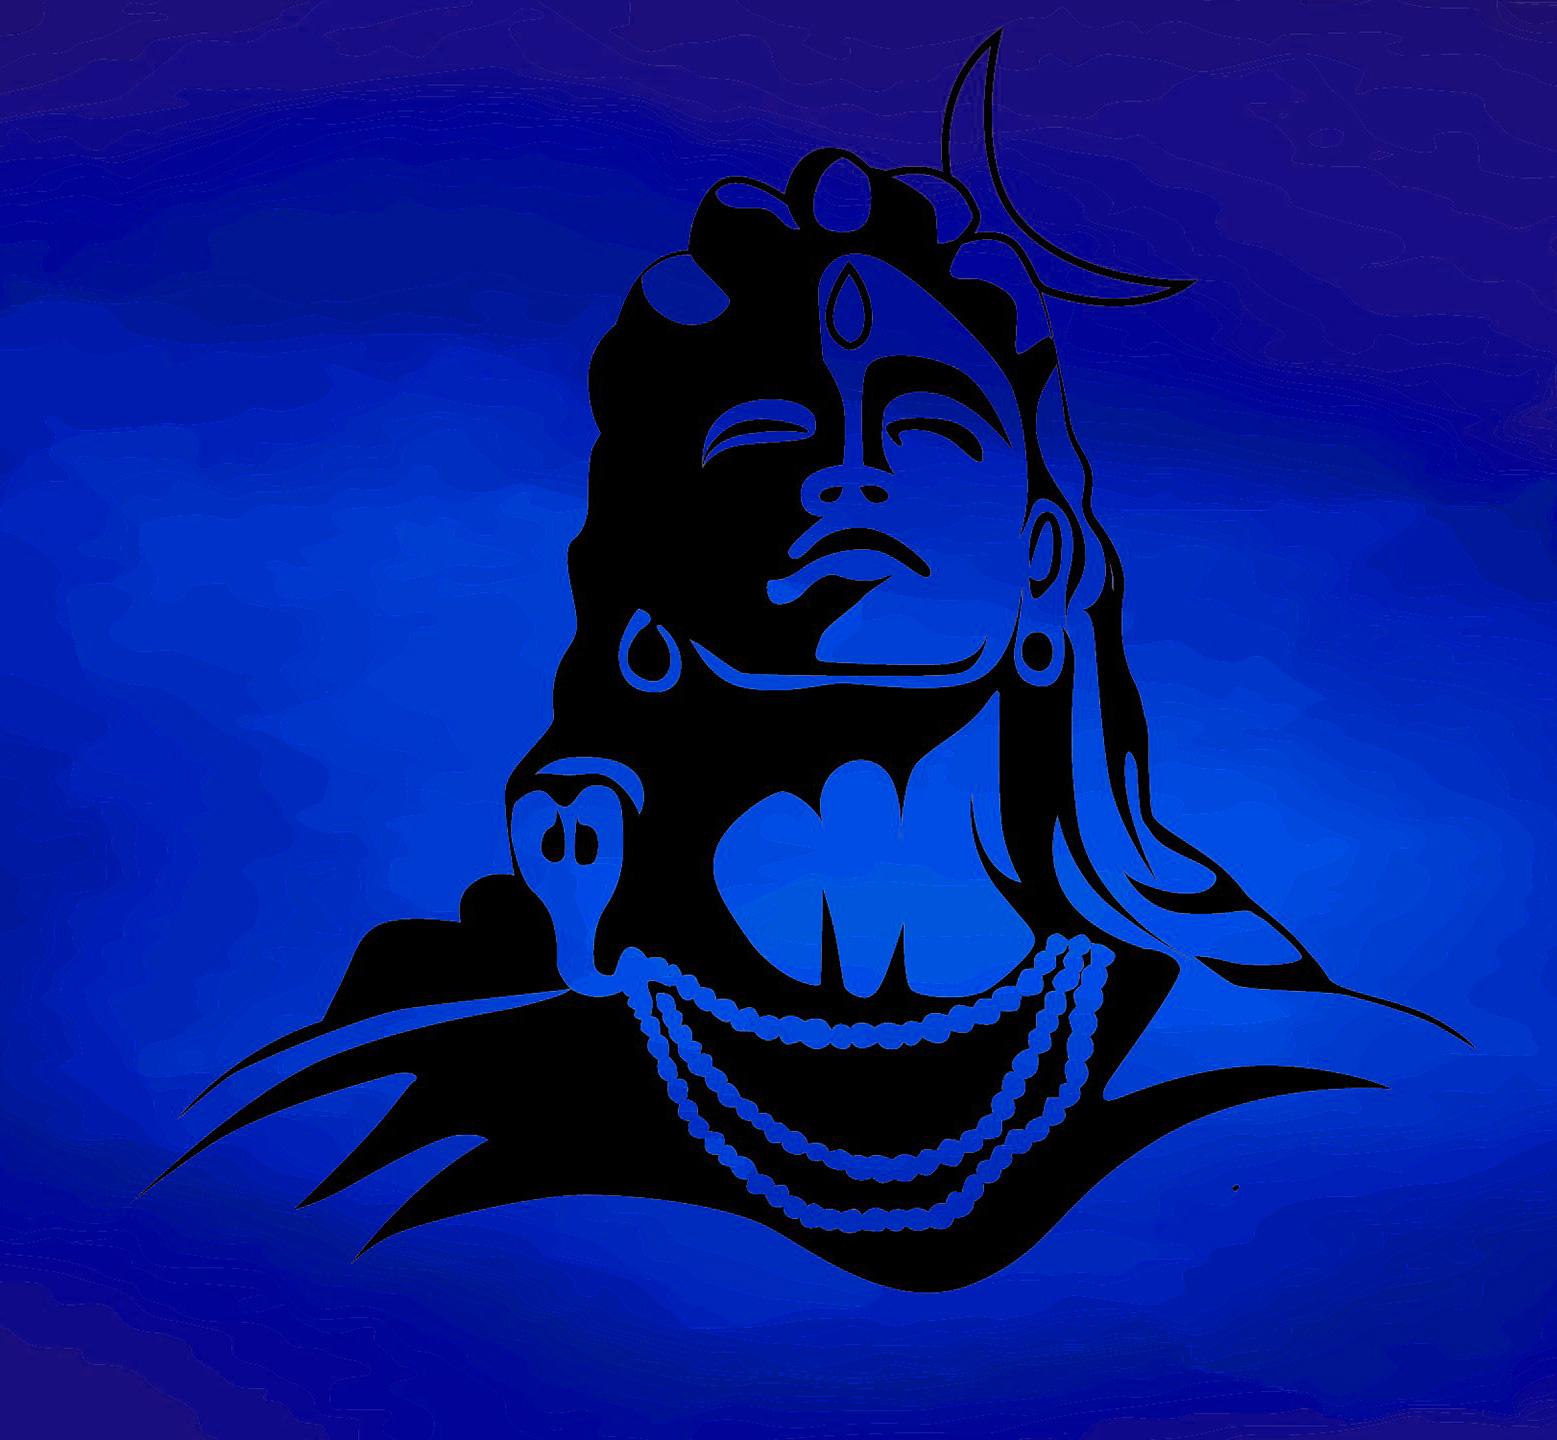 Shiva ji Photo for Whatsapp